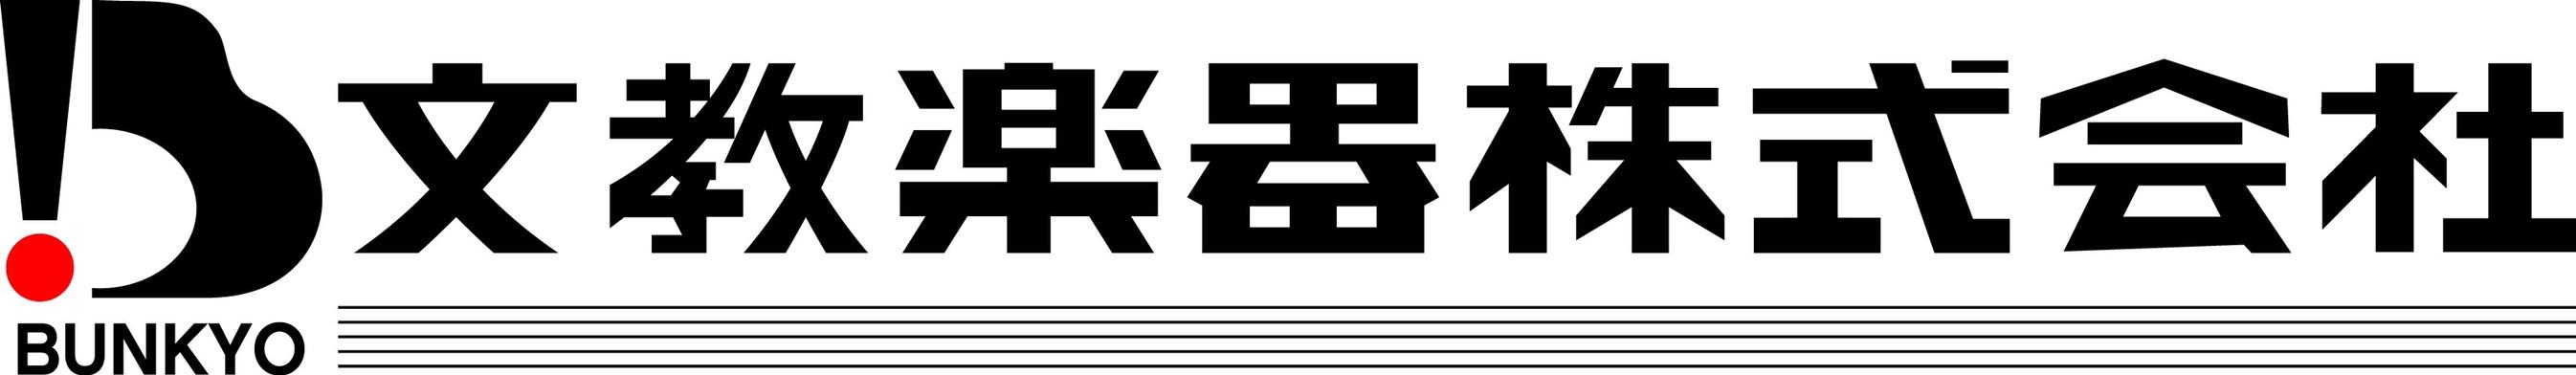 Bunkyo-Gakki